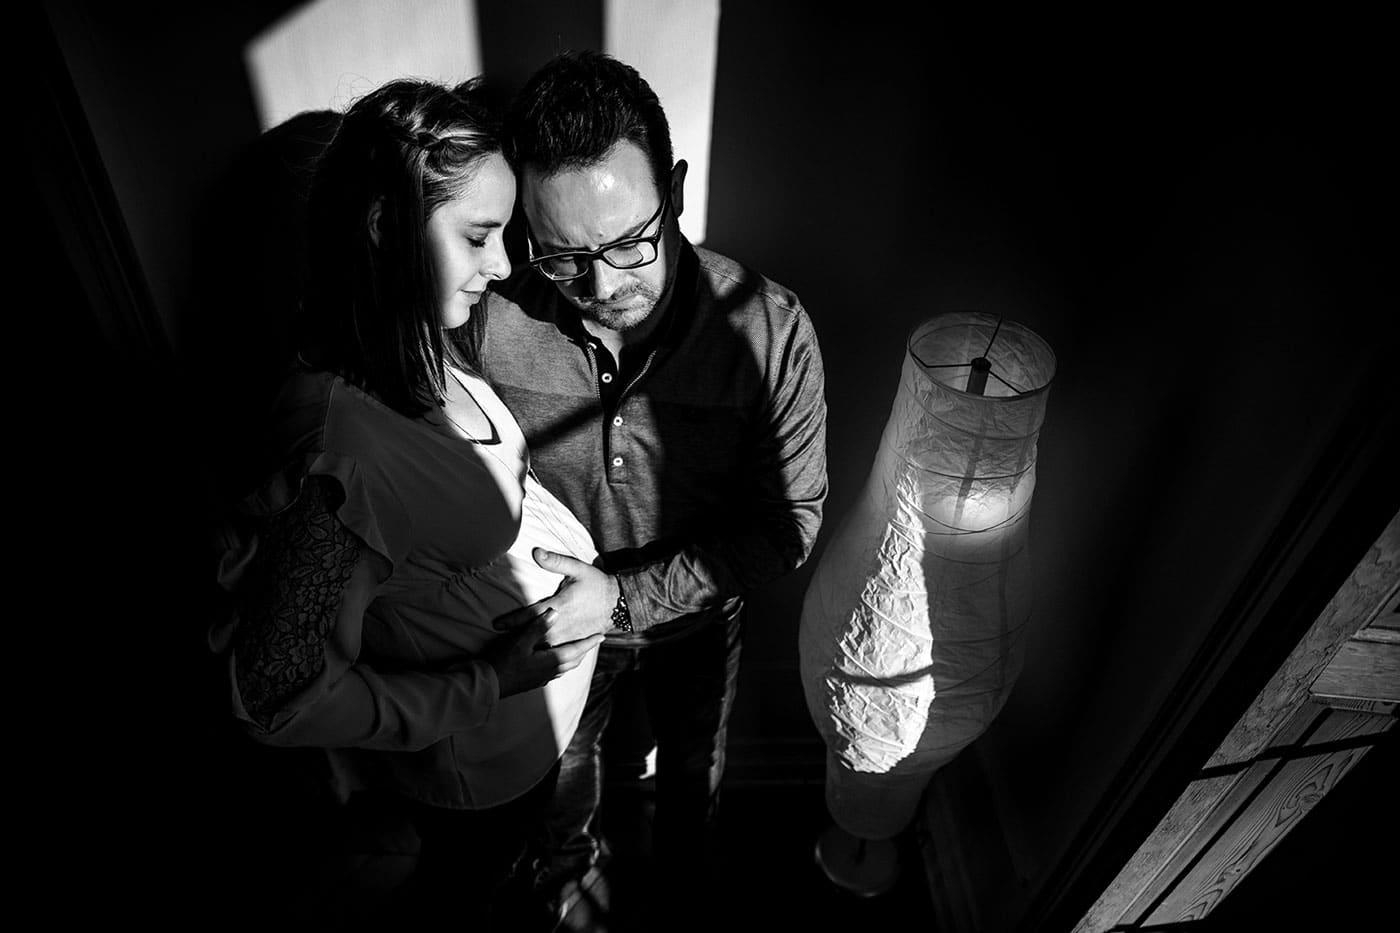 meilleur avis photographe de grossesse à Lyon Séance photo grossesse Studio Lyon Photographe séance grossesse home studio Lyon. Photographe grossesse Lyon. Photographe nouveau né Lyon